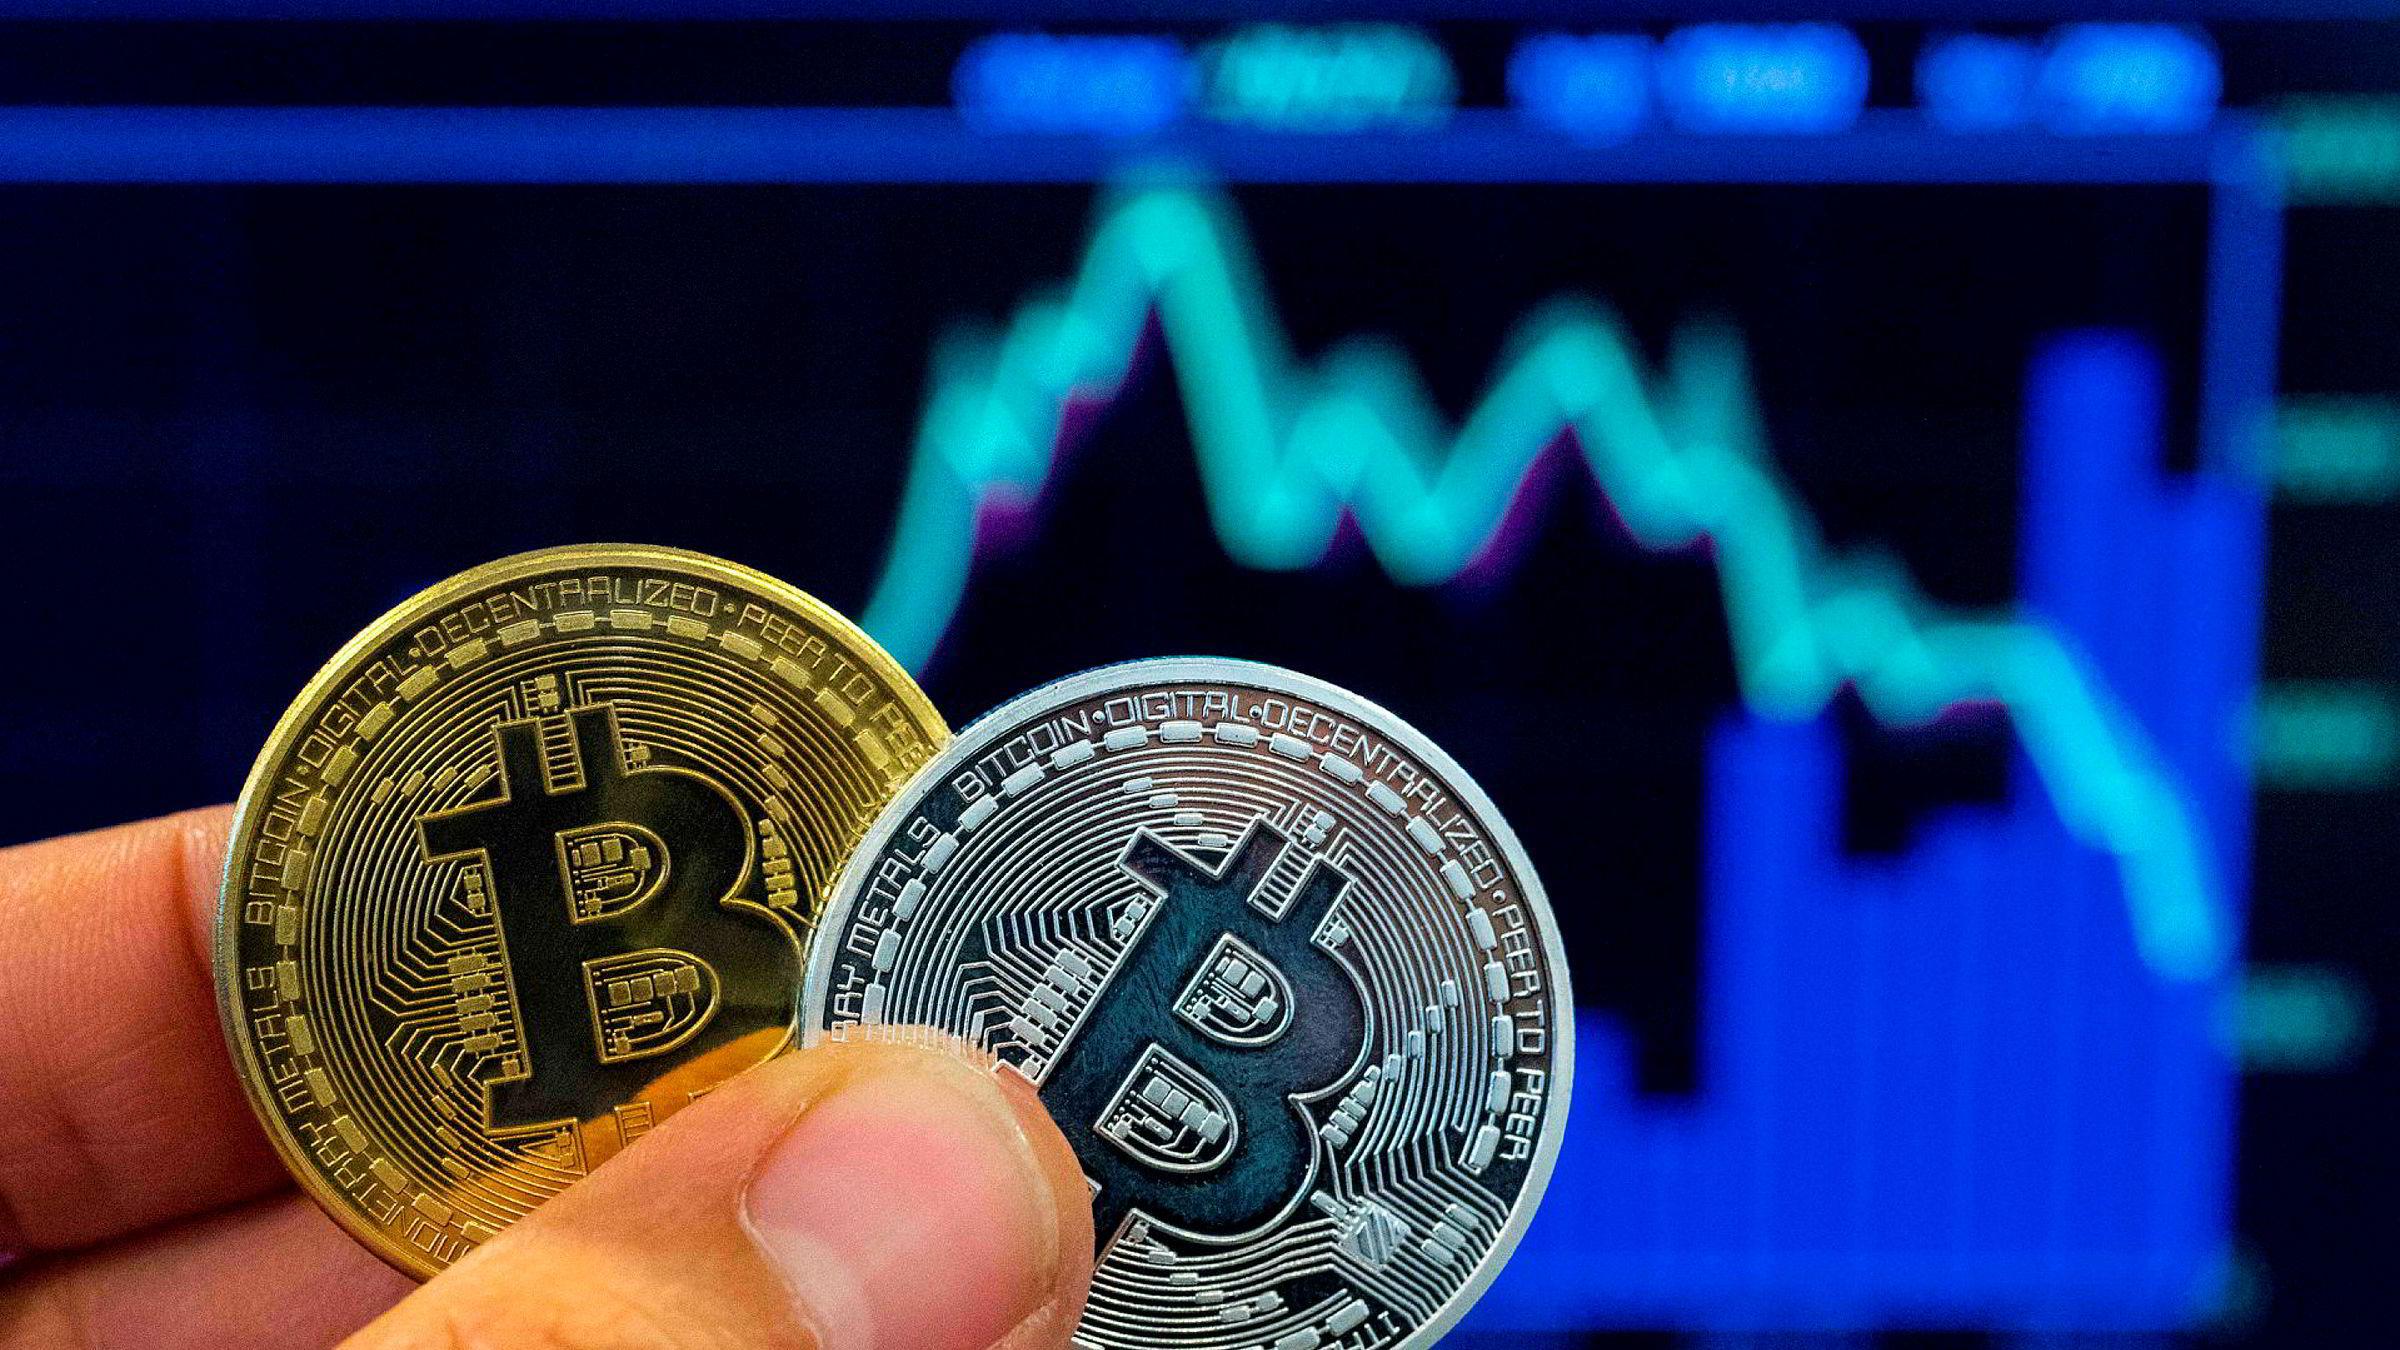 Den europeiske finansinstitusjonen Allianz, som forvalter over 500 milliarder dollar, mener bitcoin er «null verdt».